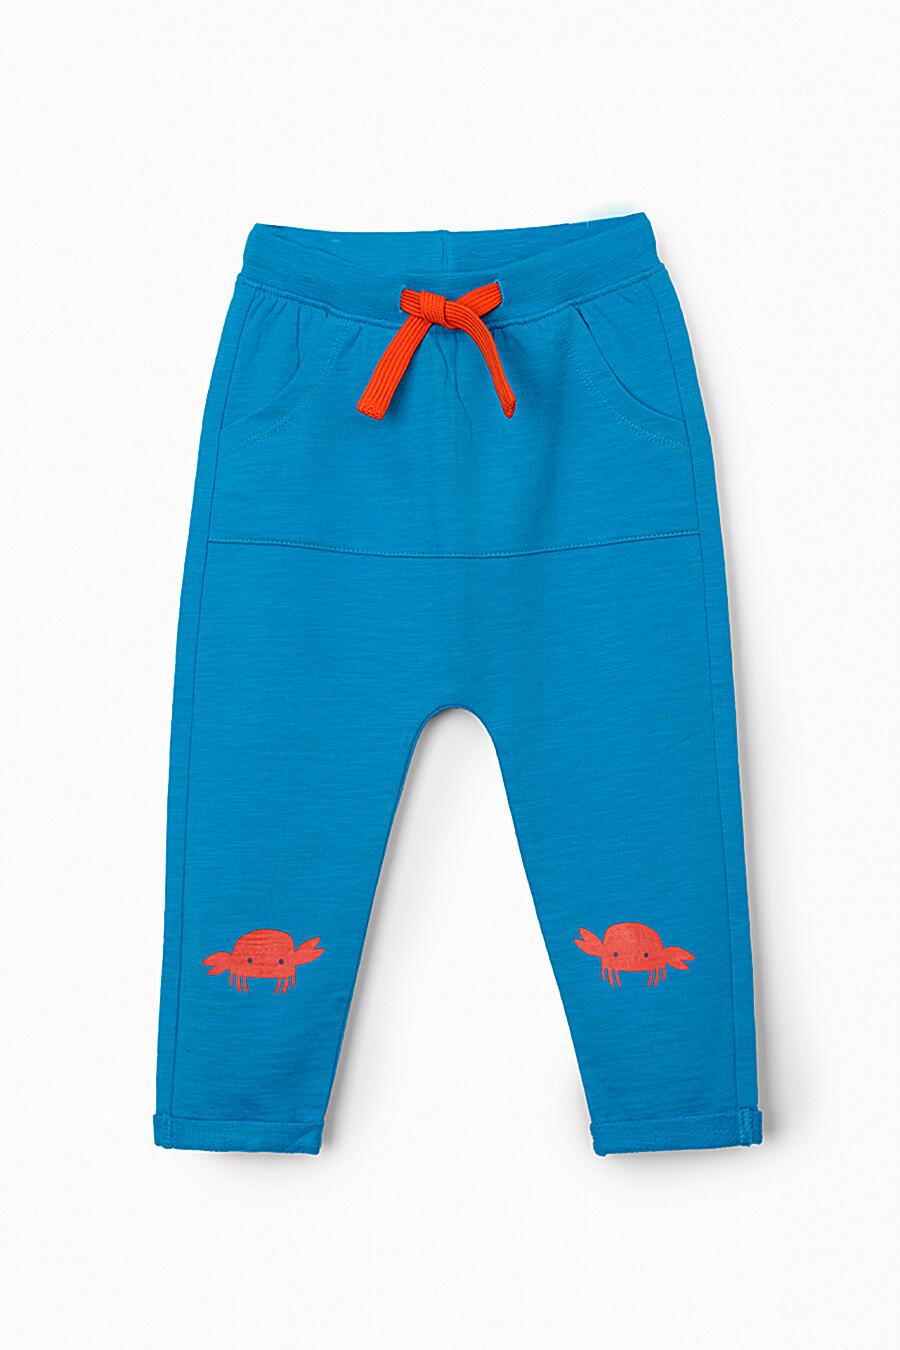 Брюки для мальчиков 5.10.15 668563 купить оптом от производителя. Совместная покупка детской одежды в OptMoyo